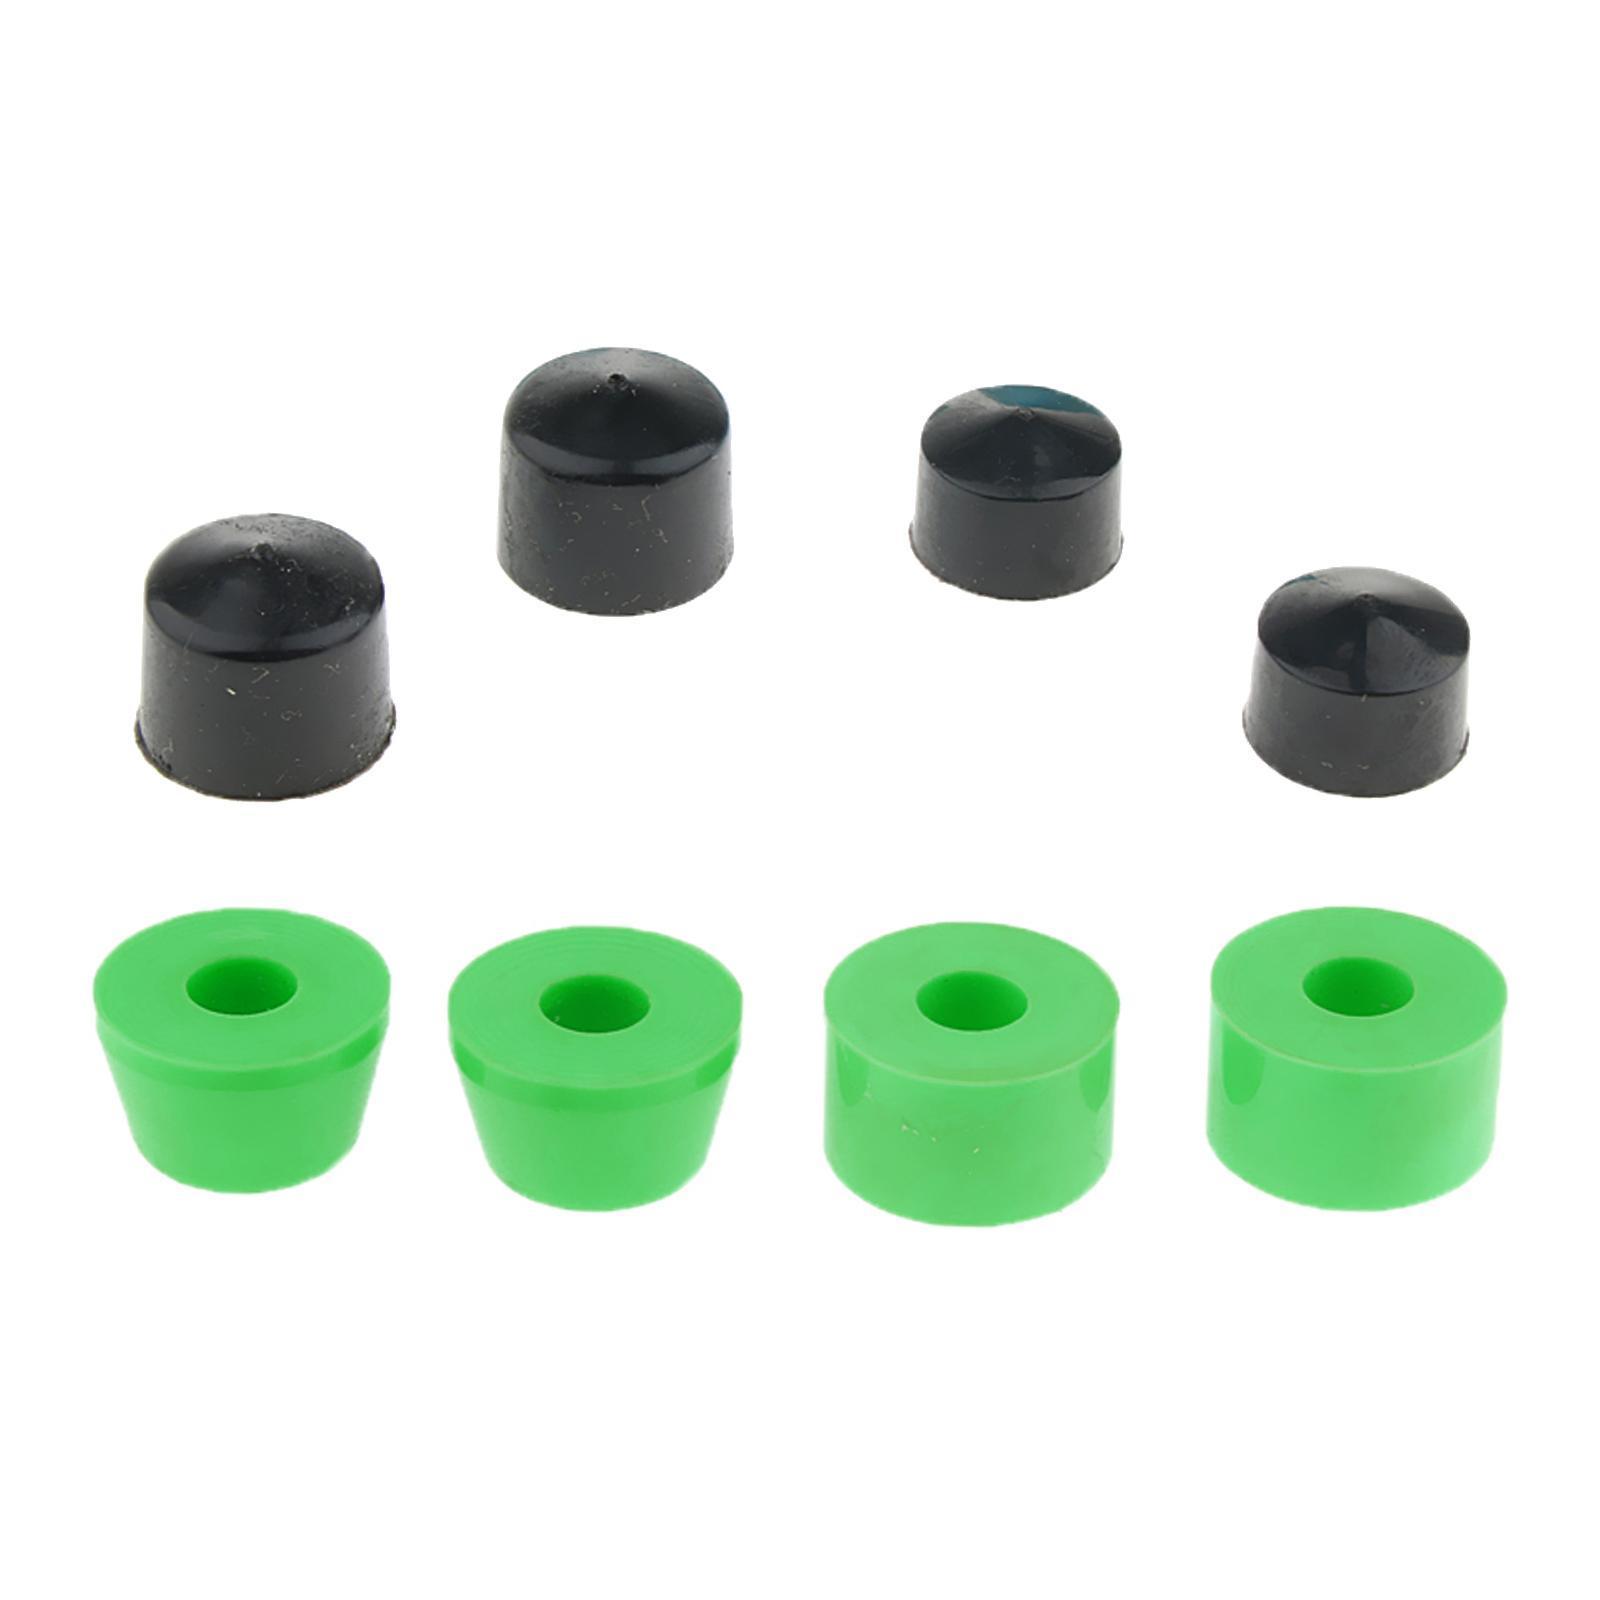 10-pezzi-di-boccole-per-skateboard-longboard-coniche-e-cilindro-con-set-di-tazze miniatura 4